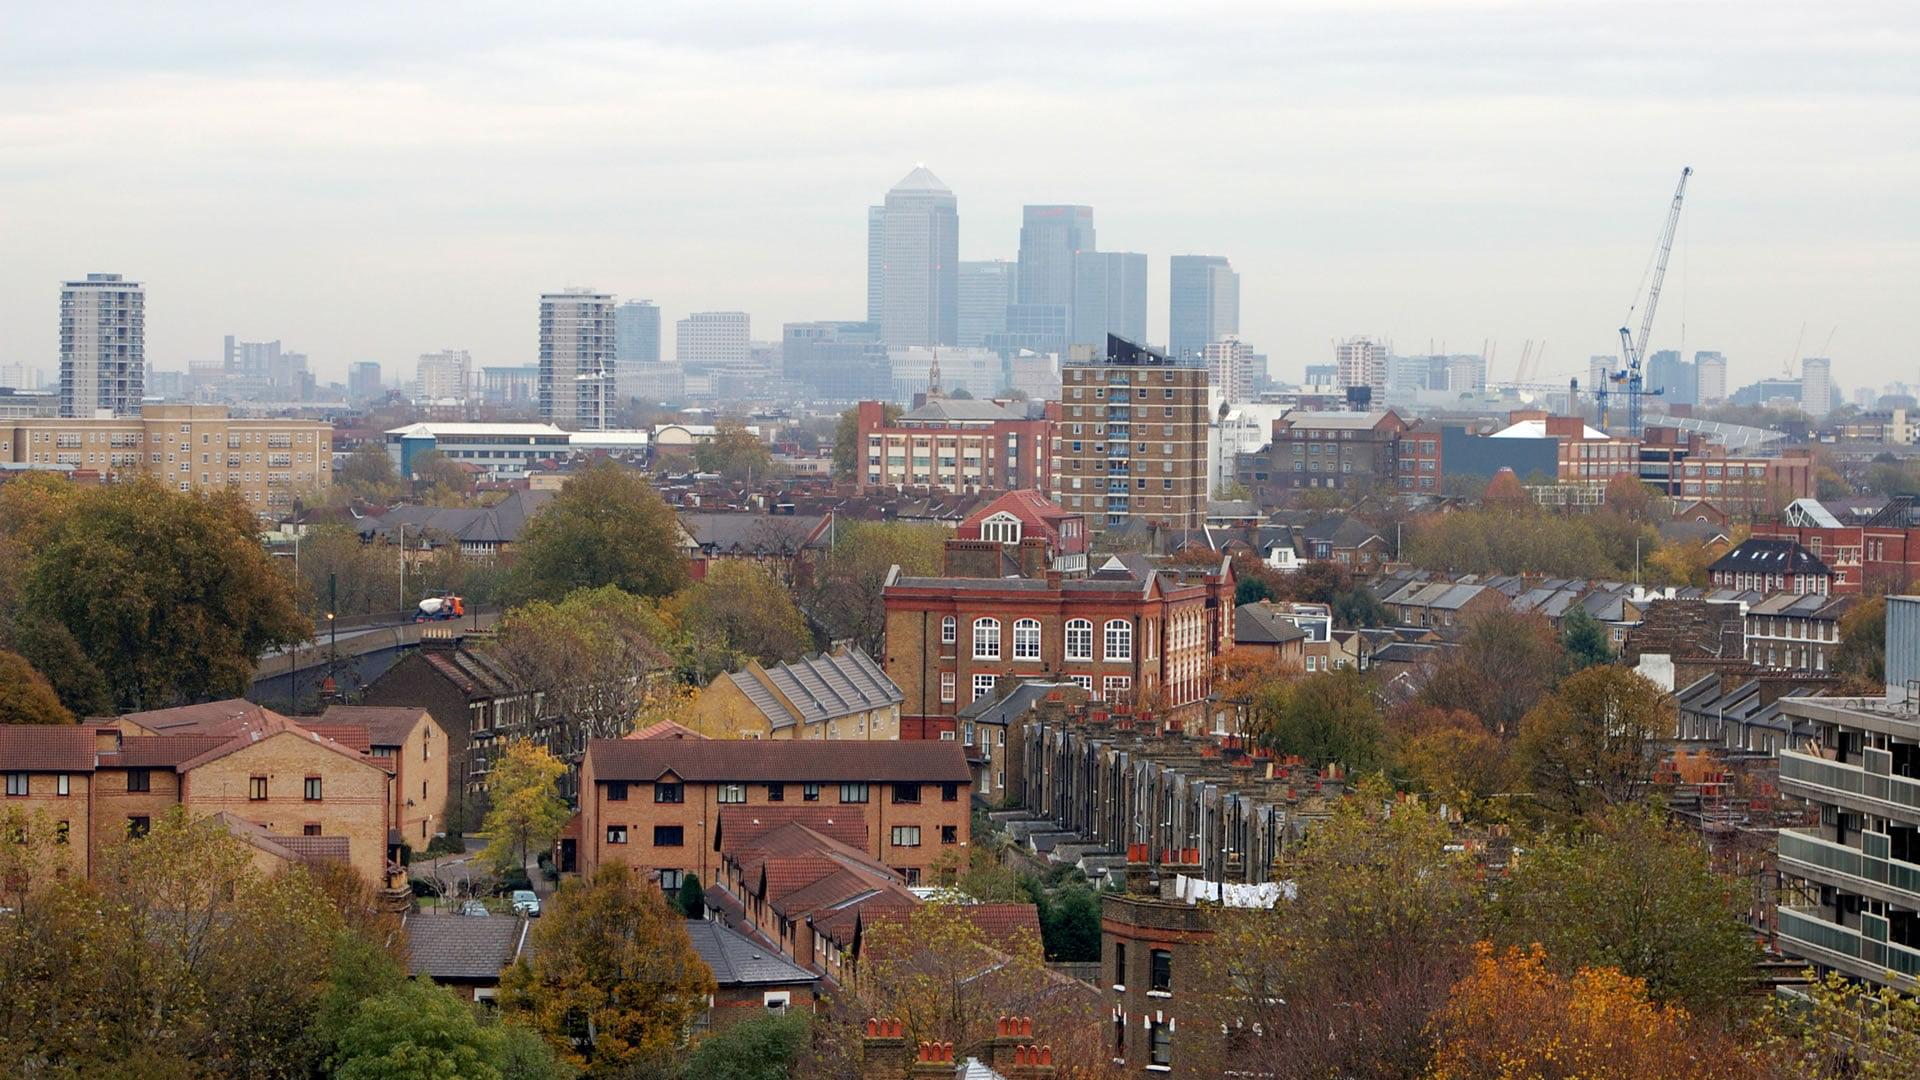 Vista aérea de la zona de Elephant and Castle, Londres